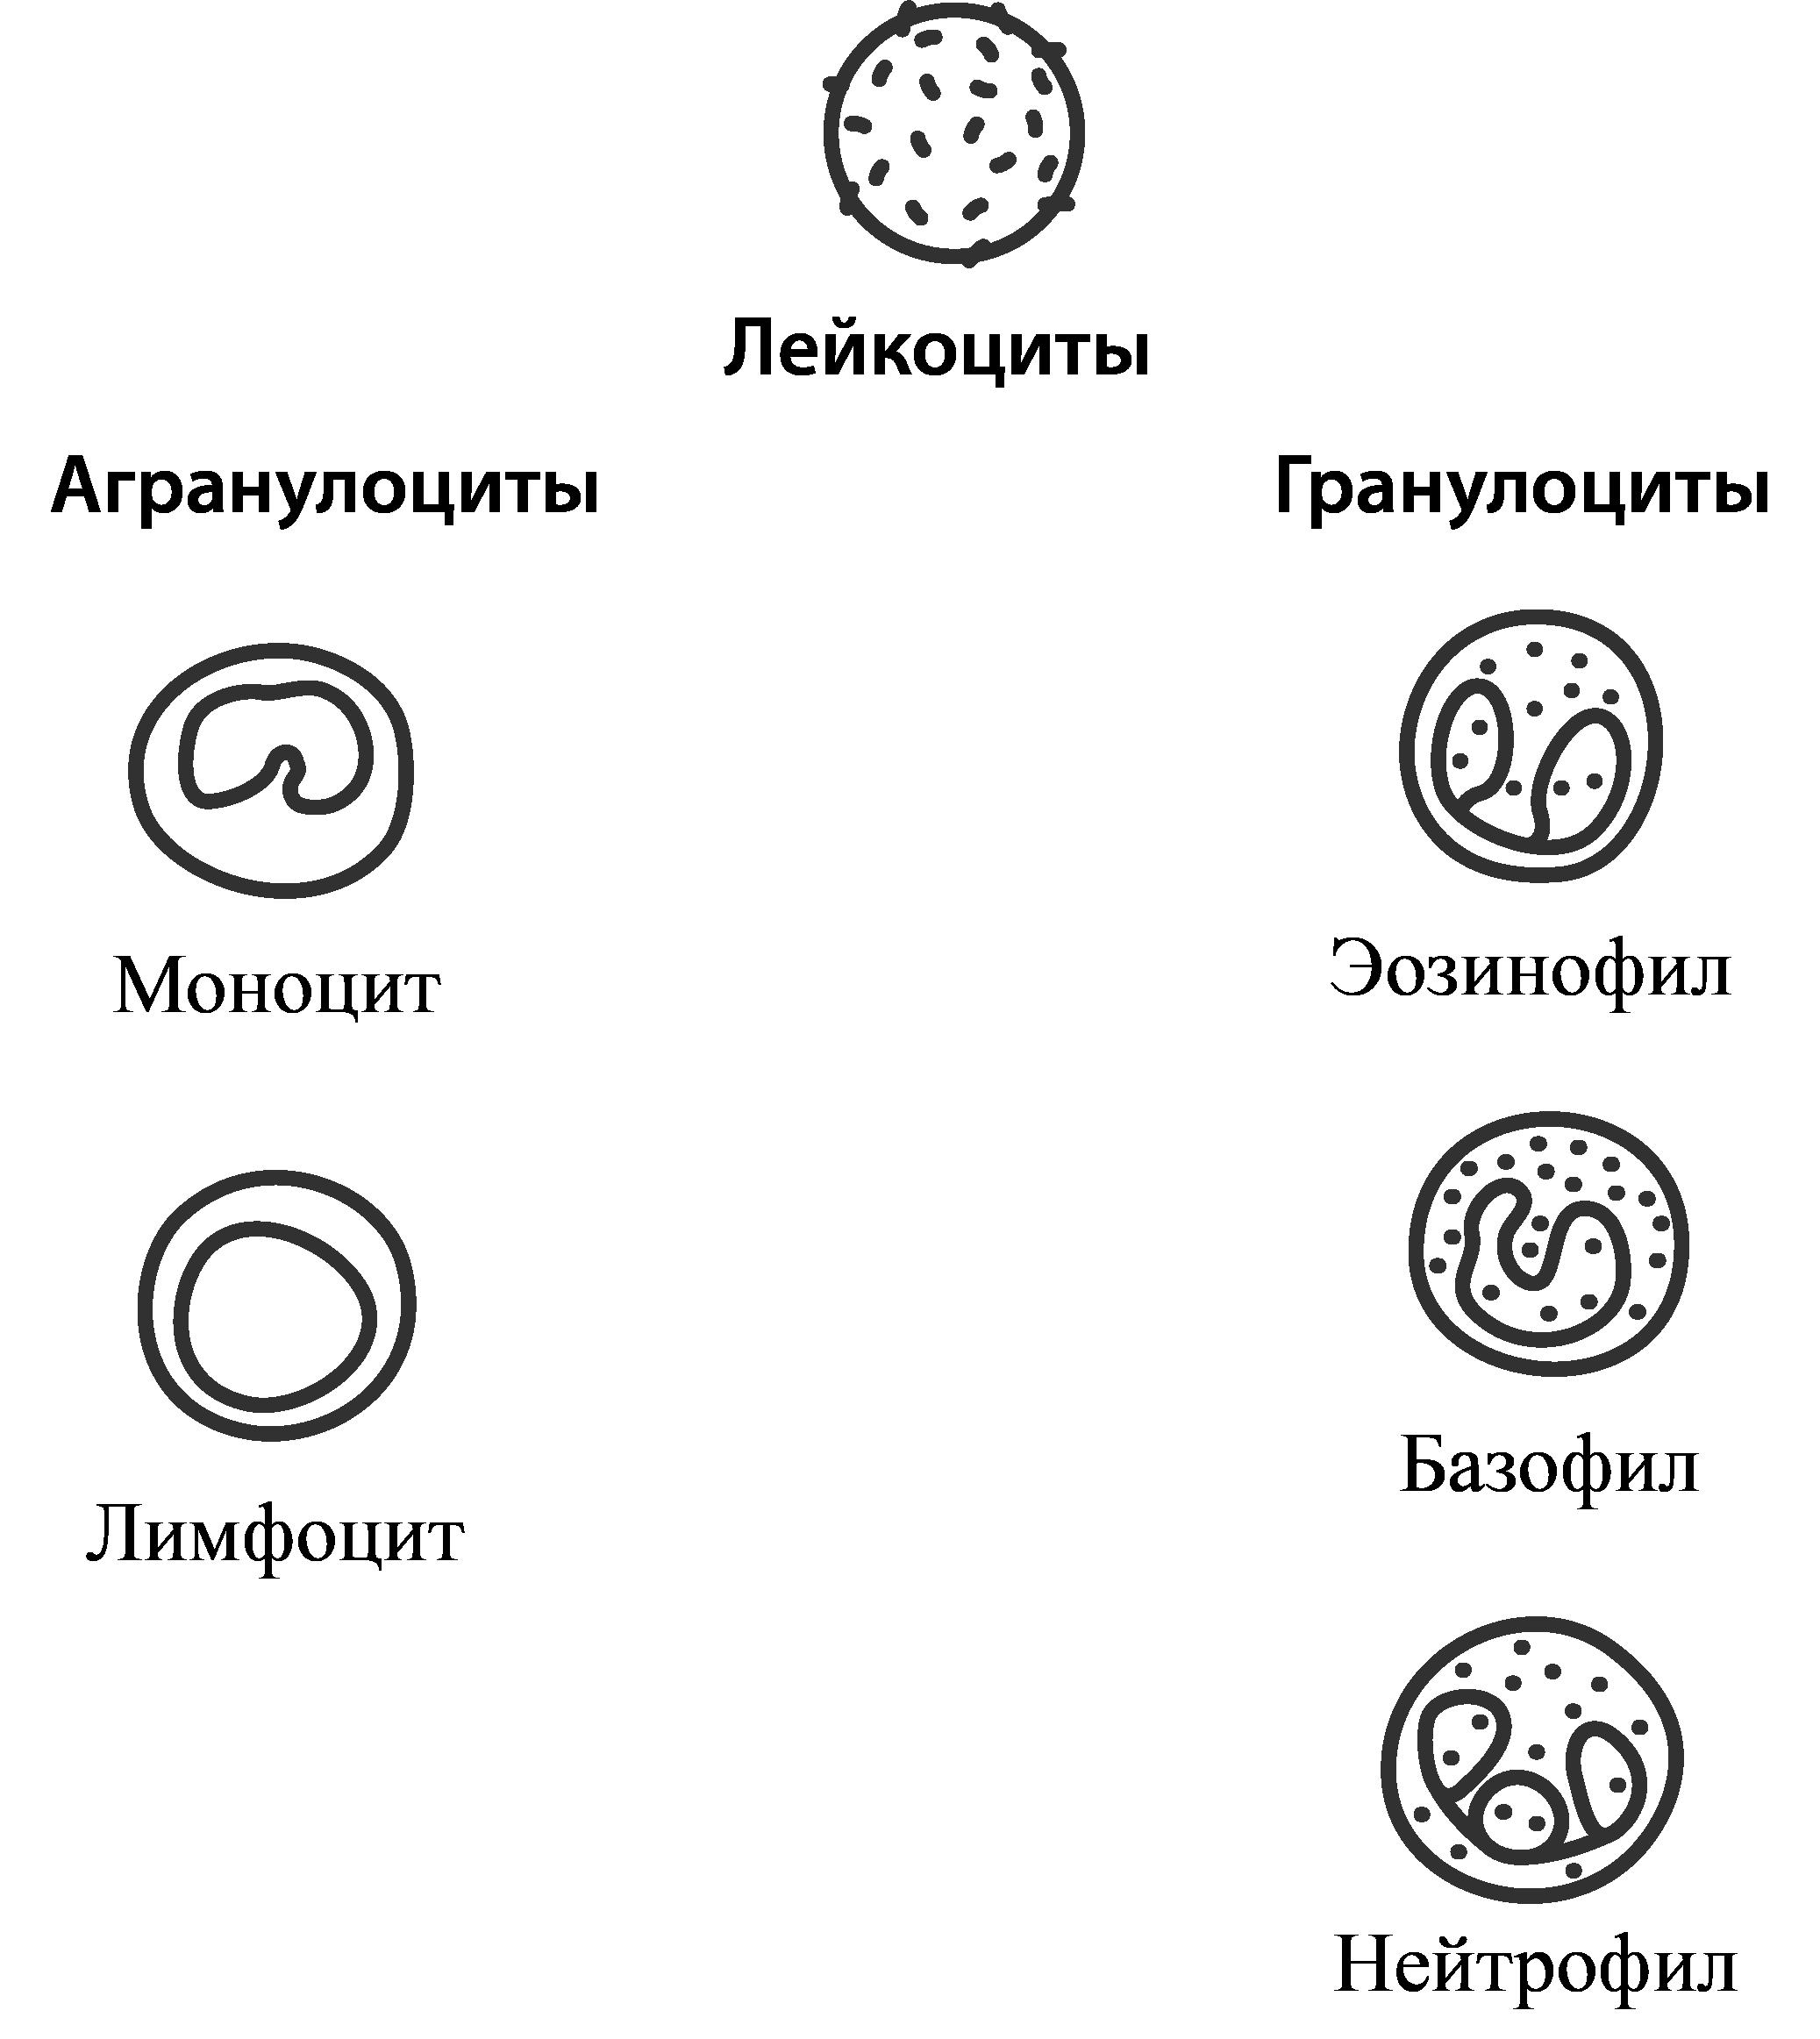 лейкоциты подразделяют на 2 группы